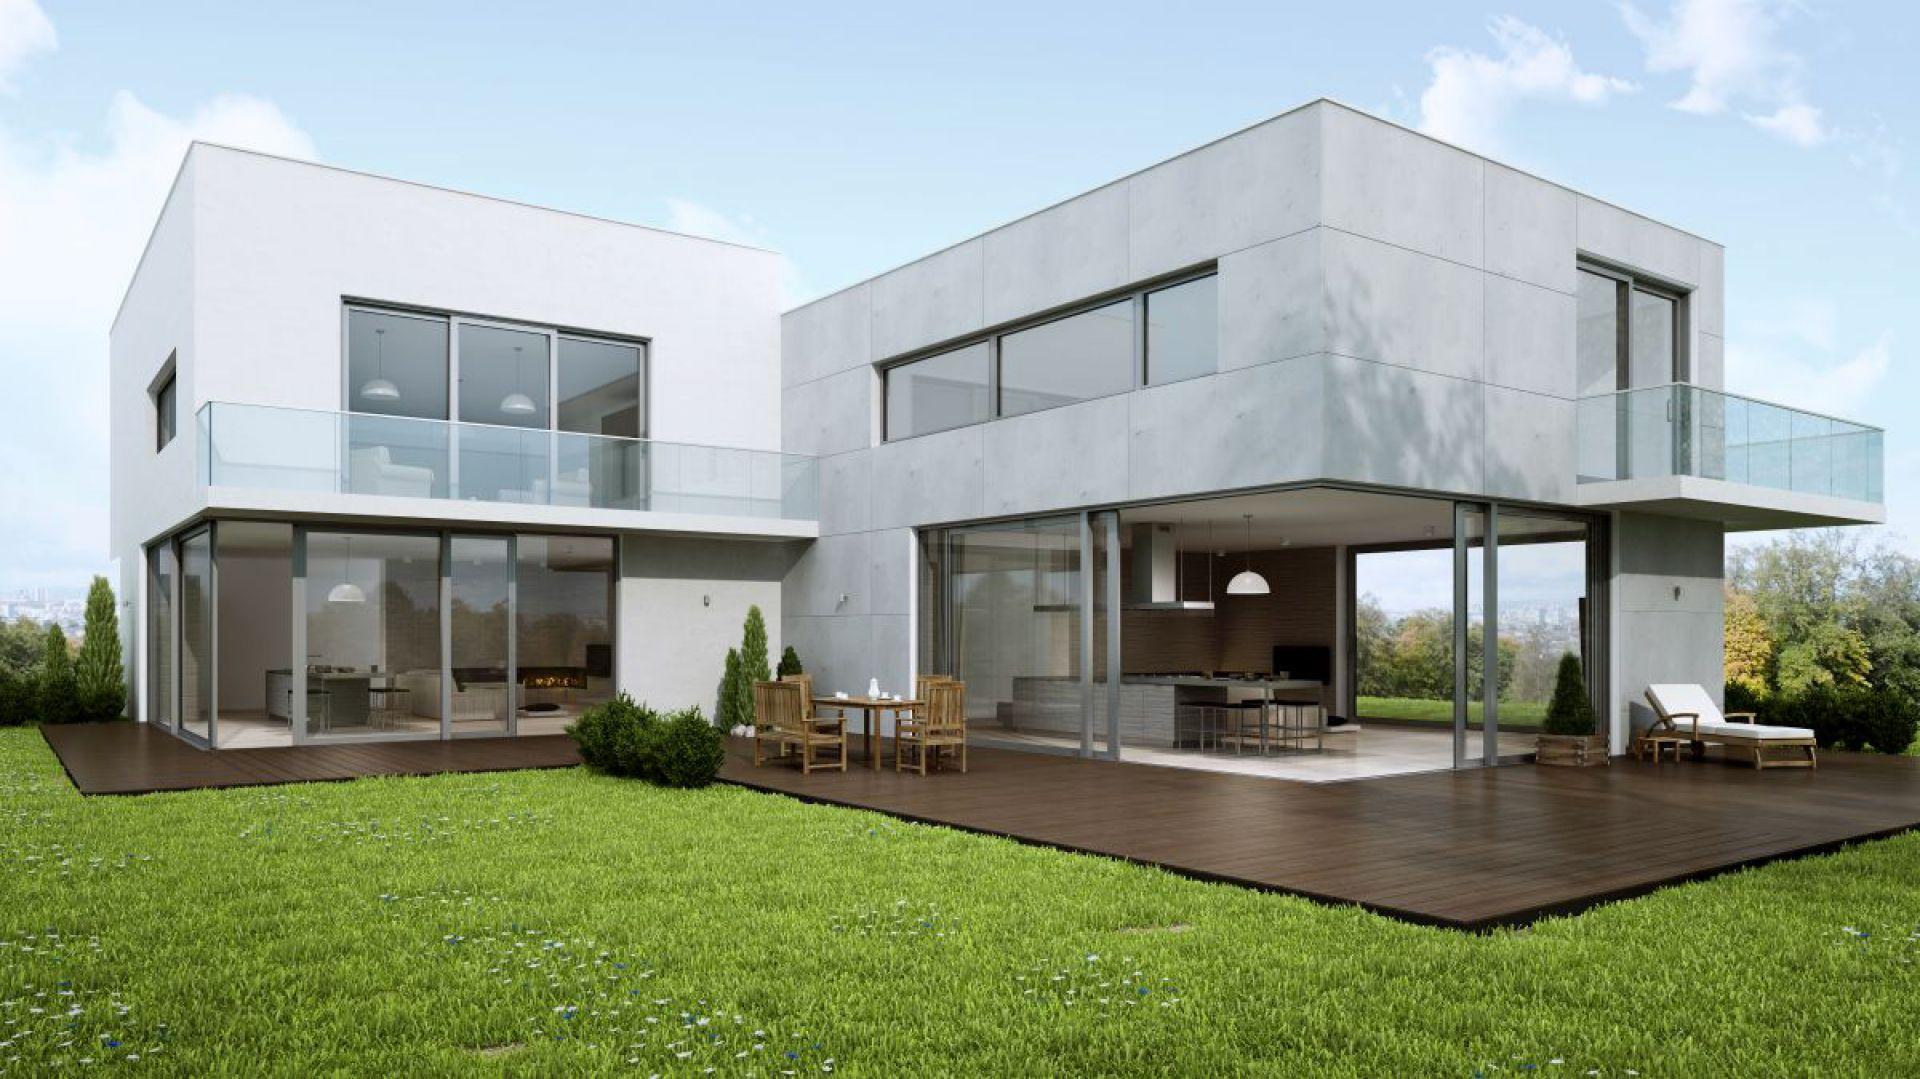 Drzwi podnośno-przesuwne są doskonale spisują się jako zabudowa łącząca salon czy ogród zimowy ze środowiskiem zewnętrznym. Fot. Aluminiowe